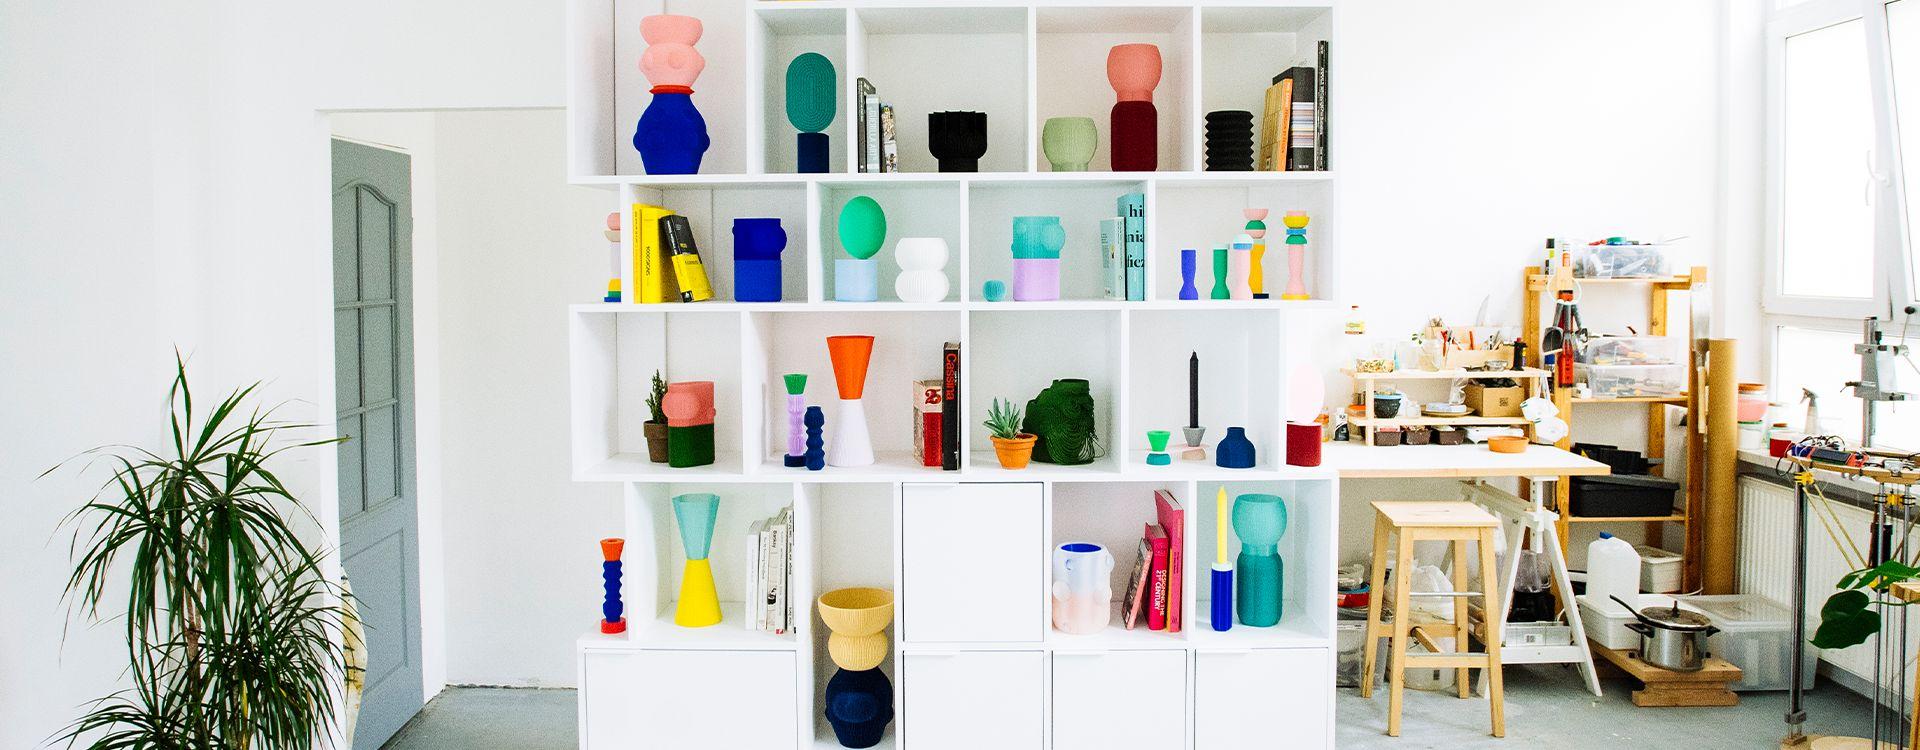 Shelves can unleash your inner artist